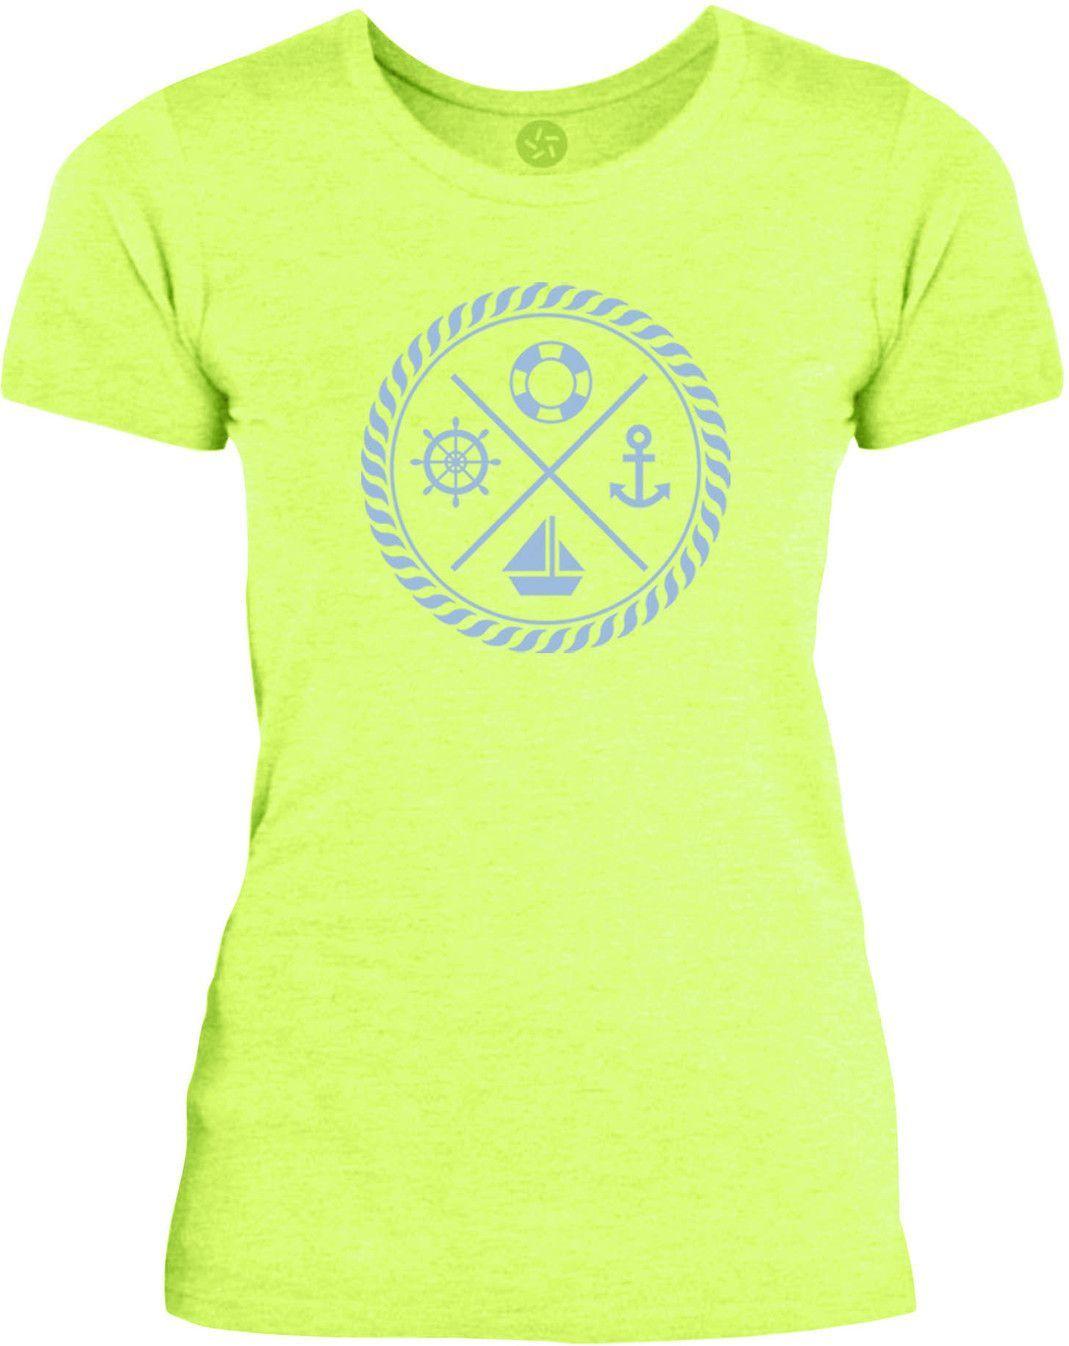 Big Texas Maritime Crest (Blue) Womens Fine Jersey T-Shirt